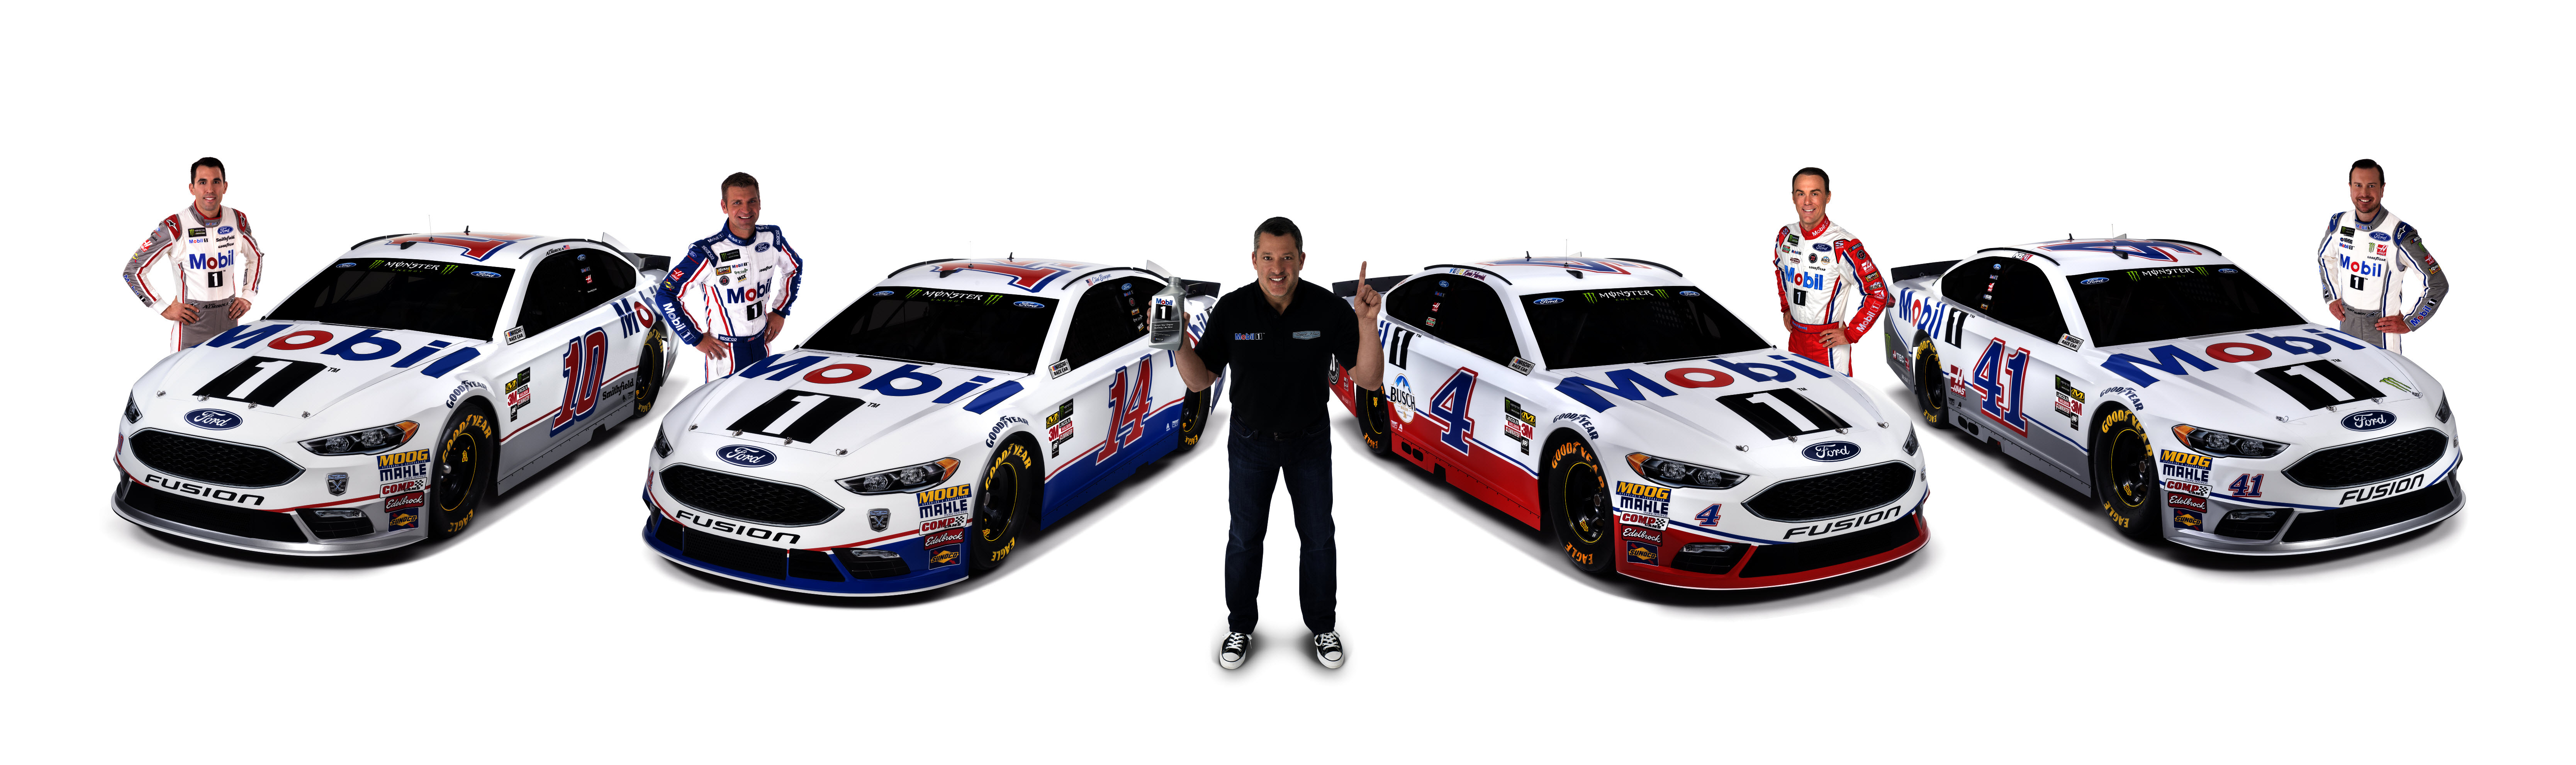 Mobil 1 Stewart-Haas Racing